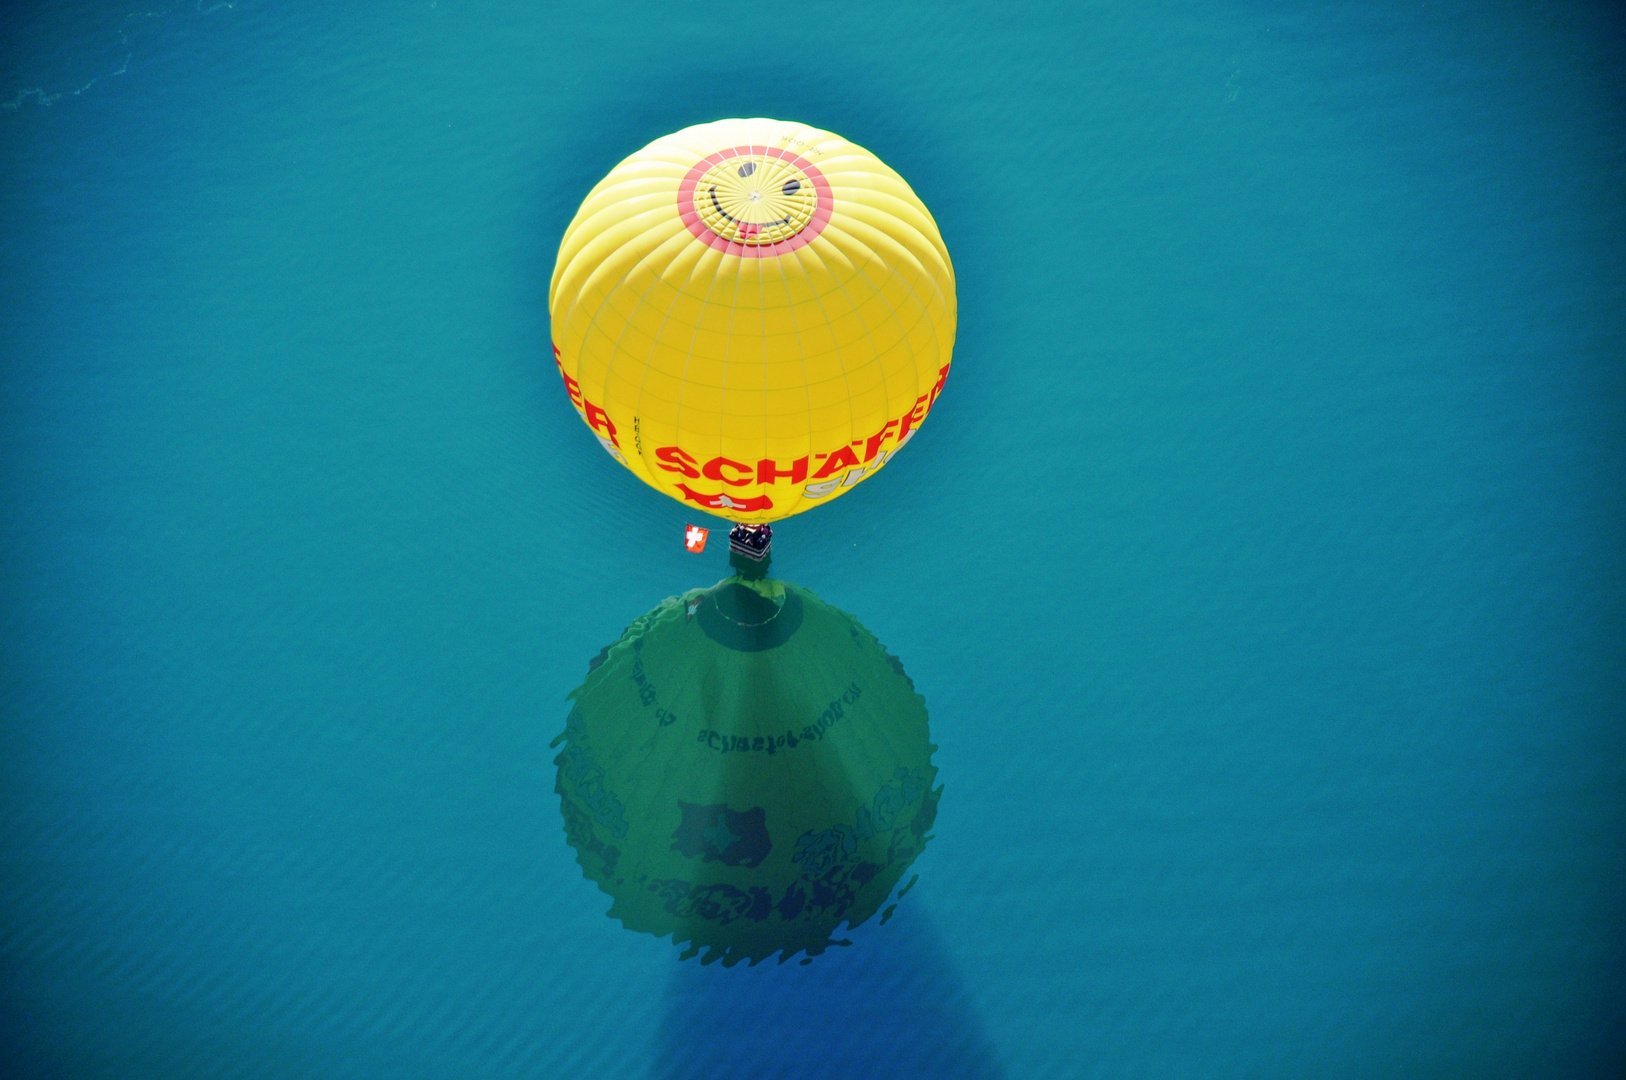 Wasser Ballon